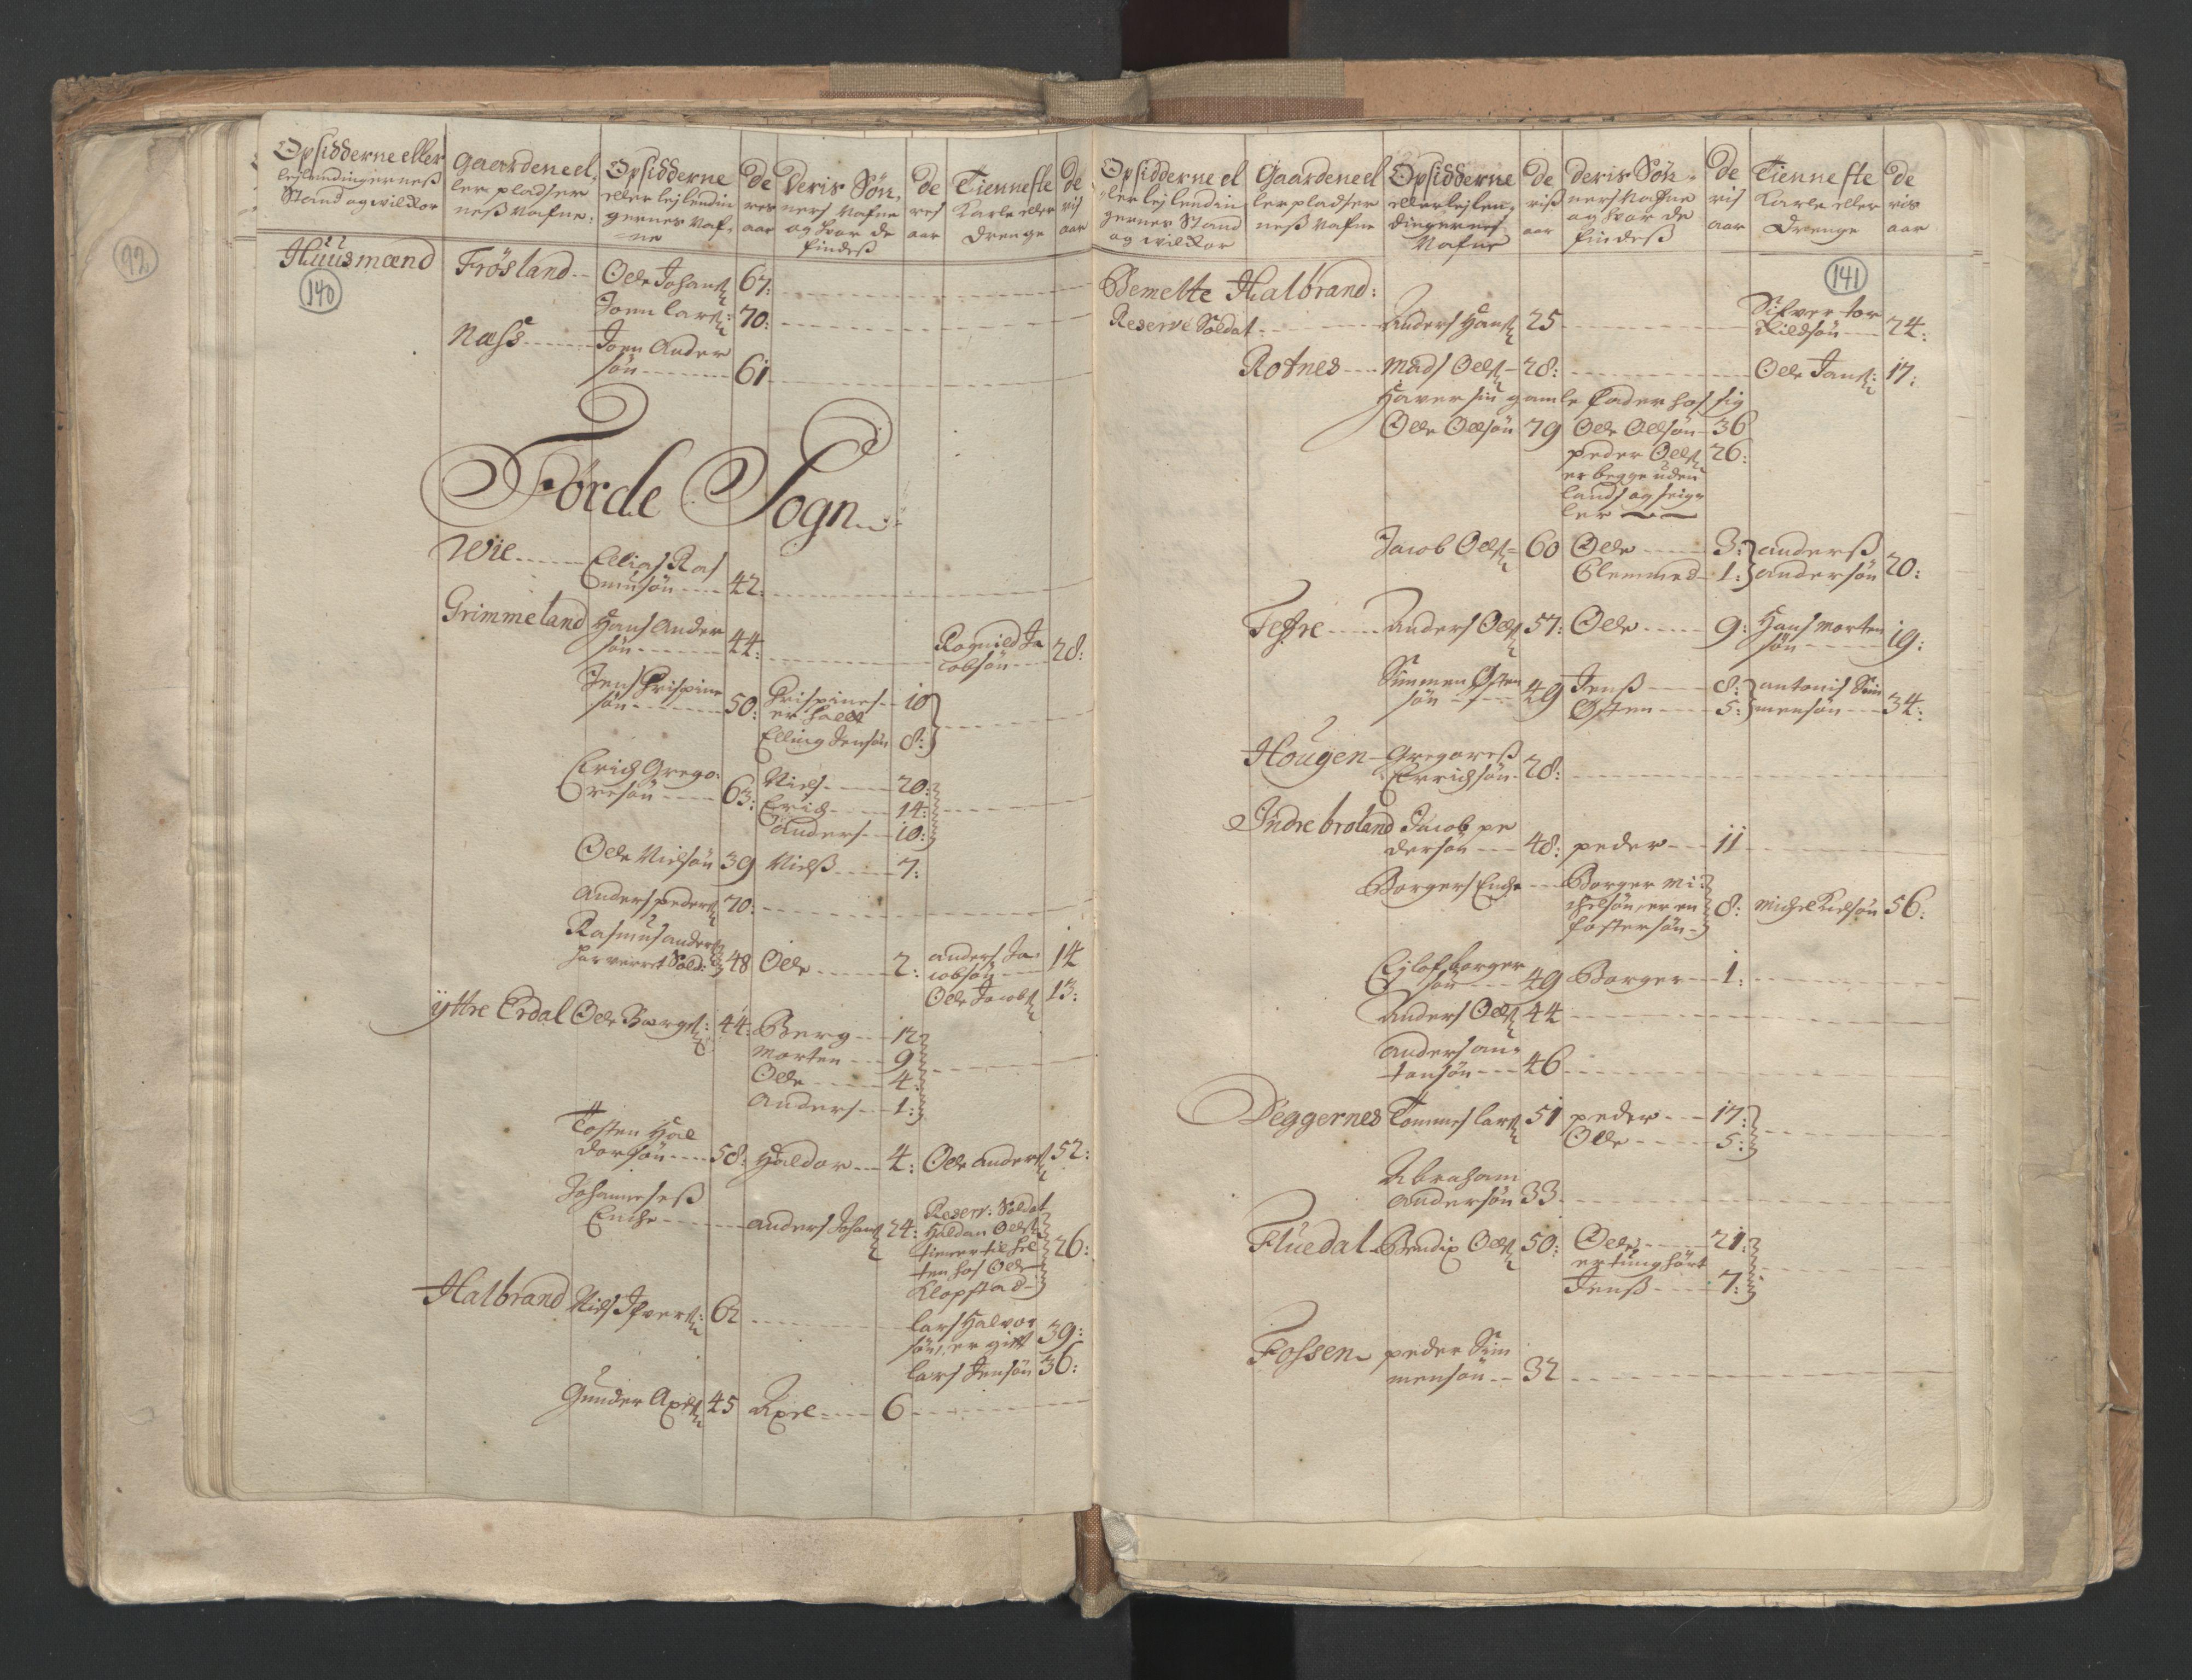 RA, Manntallet 1701, nr. 9: Sunnfjord fogderi, Nordfjord fogderi og Svanø birk, 1701, s. 140-141